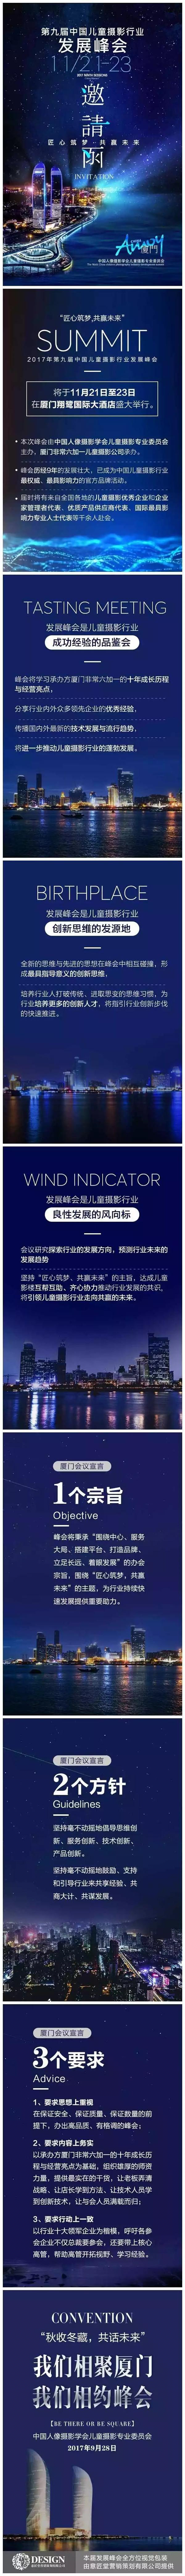 第九届中国儿童摄影行业发展峰会邀请函